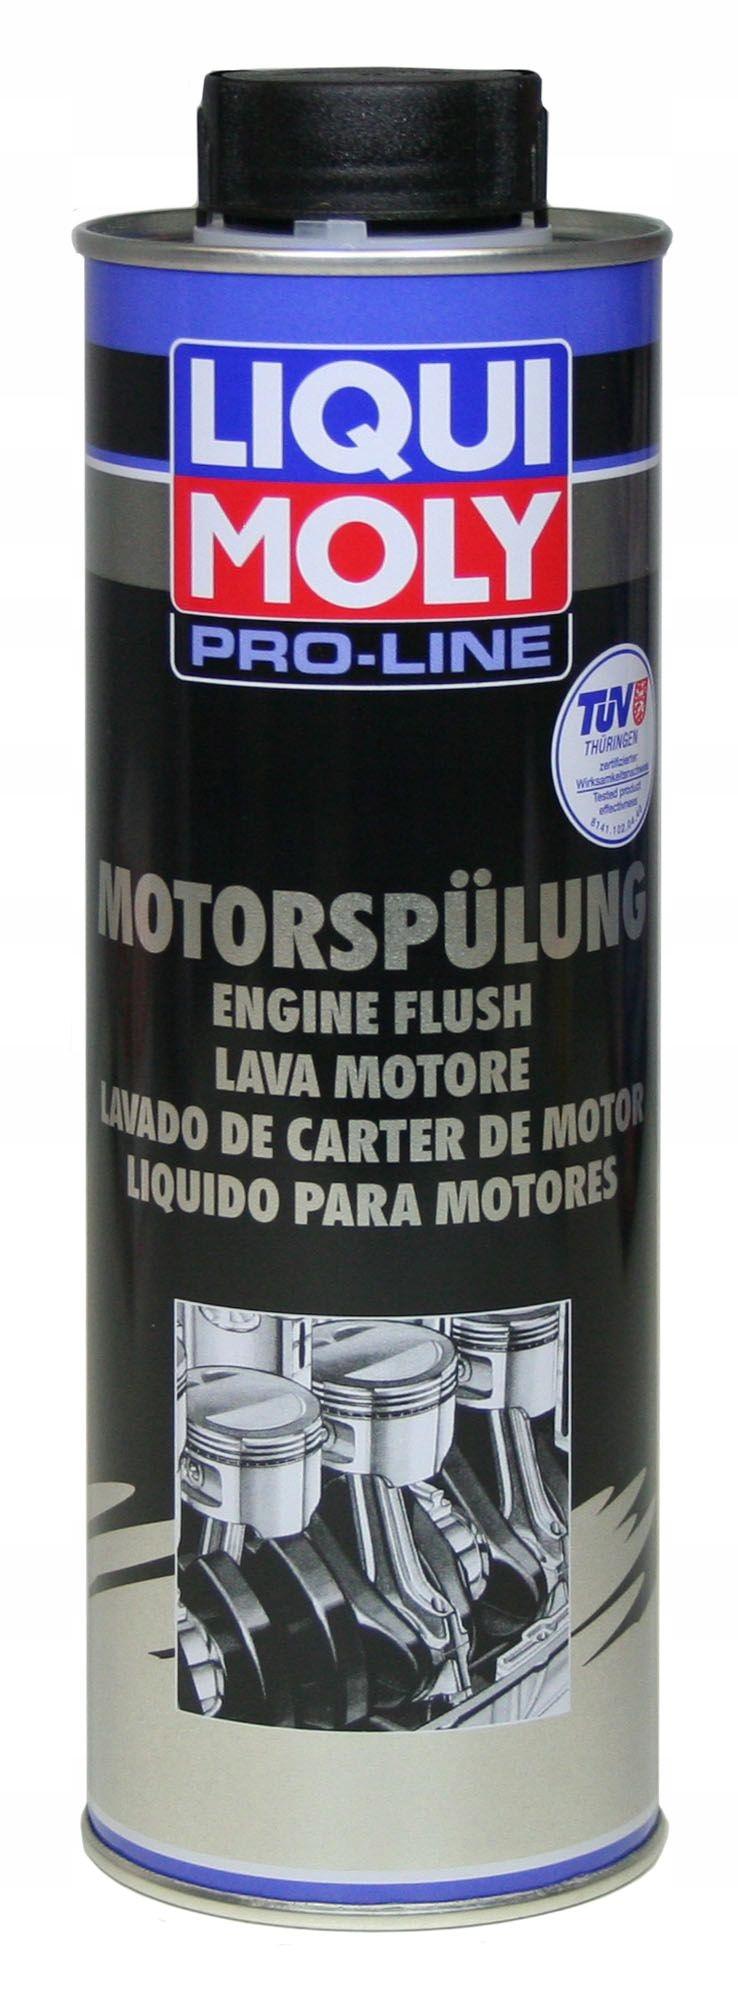 Промывка двигателя Liqui Moly Pro Line 2662 0,5 л с продувкой